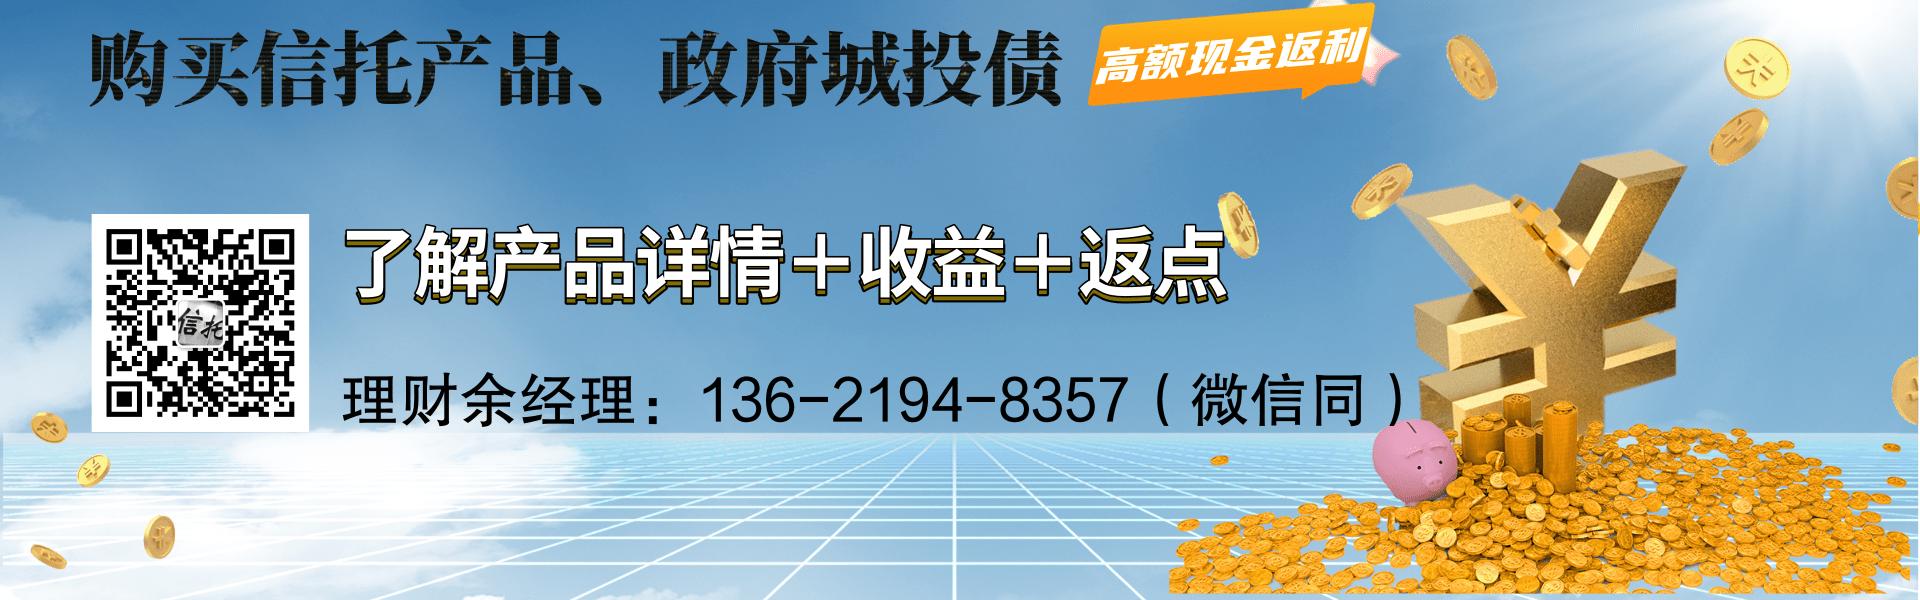 山东潍坊市中昊佳信城市发展直接融资项目